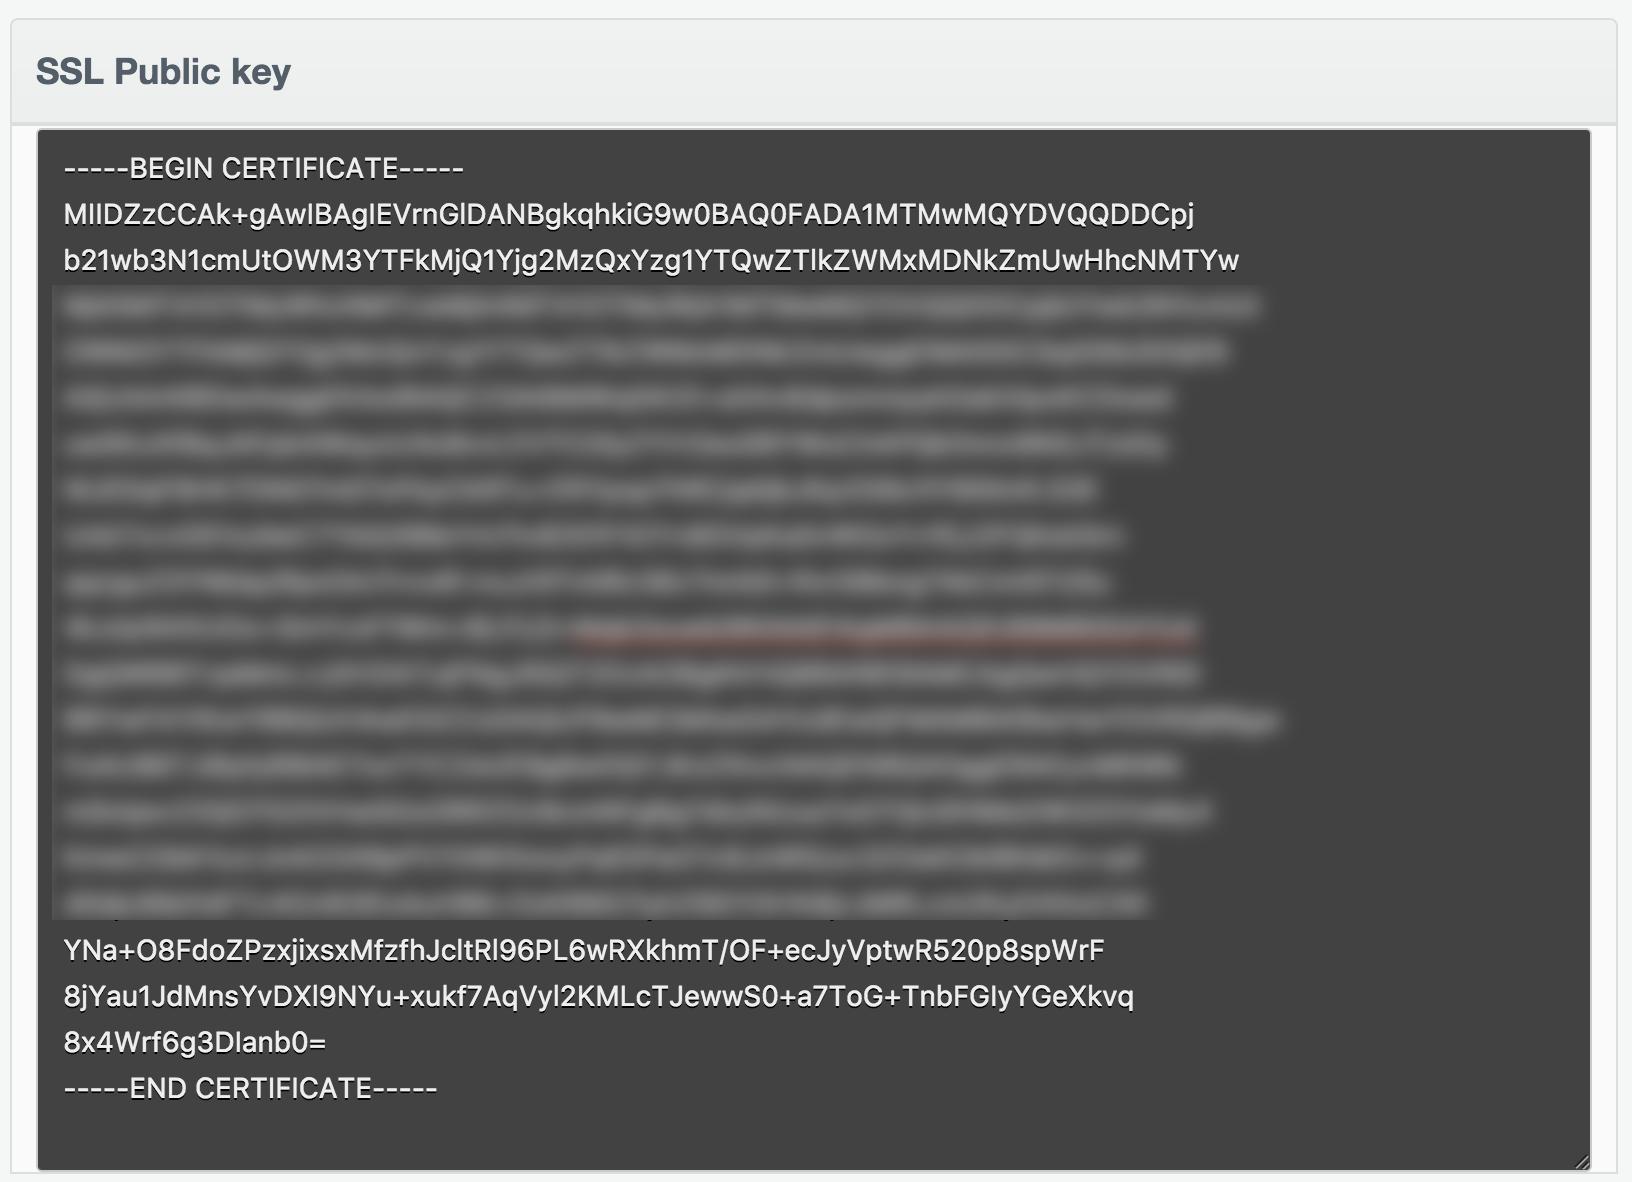 Show SSL Public Key